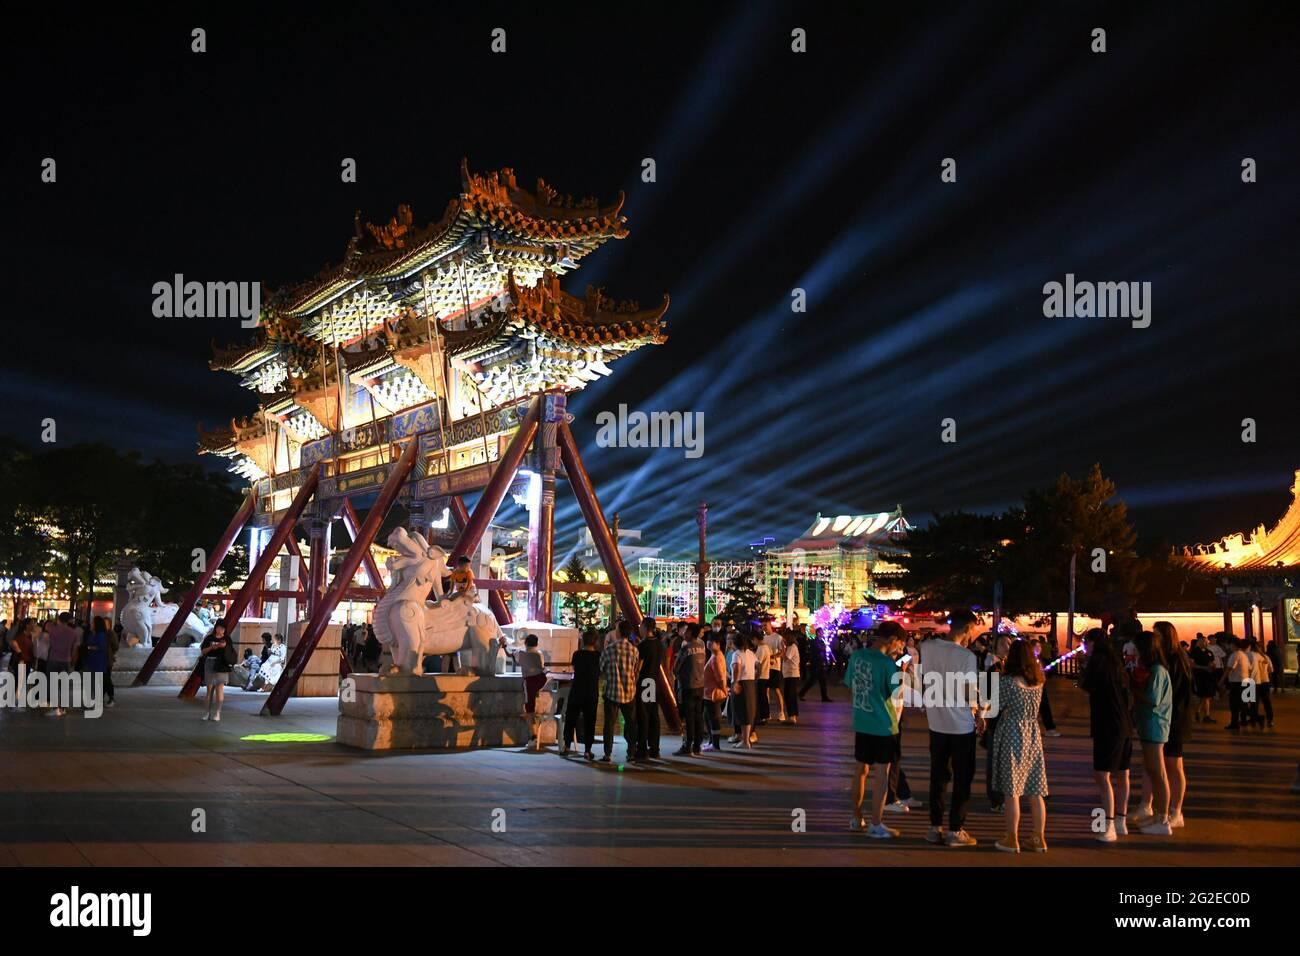 Hohhot, région autonome de la Mongolie intérieure de la Chine. 10 juin 2021. Les touristes visitent un site touristique à Hohhot, région autonome de la Mongolie intérieure, au nord de la Chine, le 10 juin 2021. Diverses activités telles que l'appréciation de la musique traditionnelle et la dégustation de la nourriture locale sont organisées ici pour promouvoir le tourisme. Credit: BEI HE/Xinhua/Alay Live News Banque D'Images